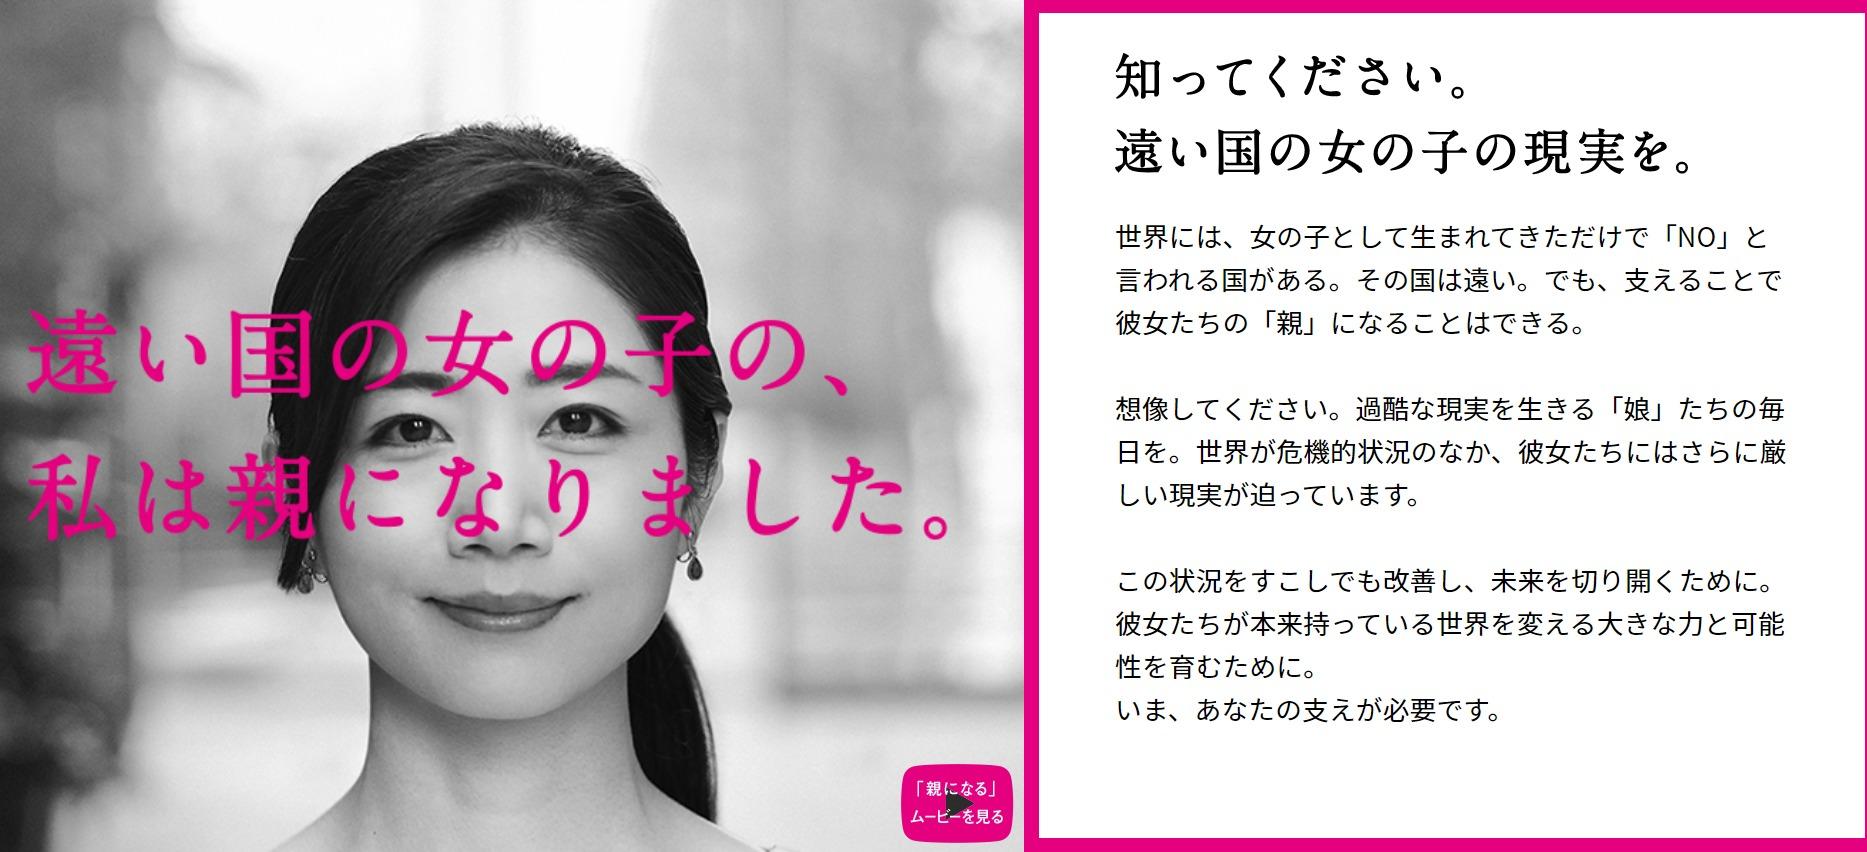 プラン・インターナショナルジャパン支援について